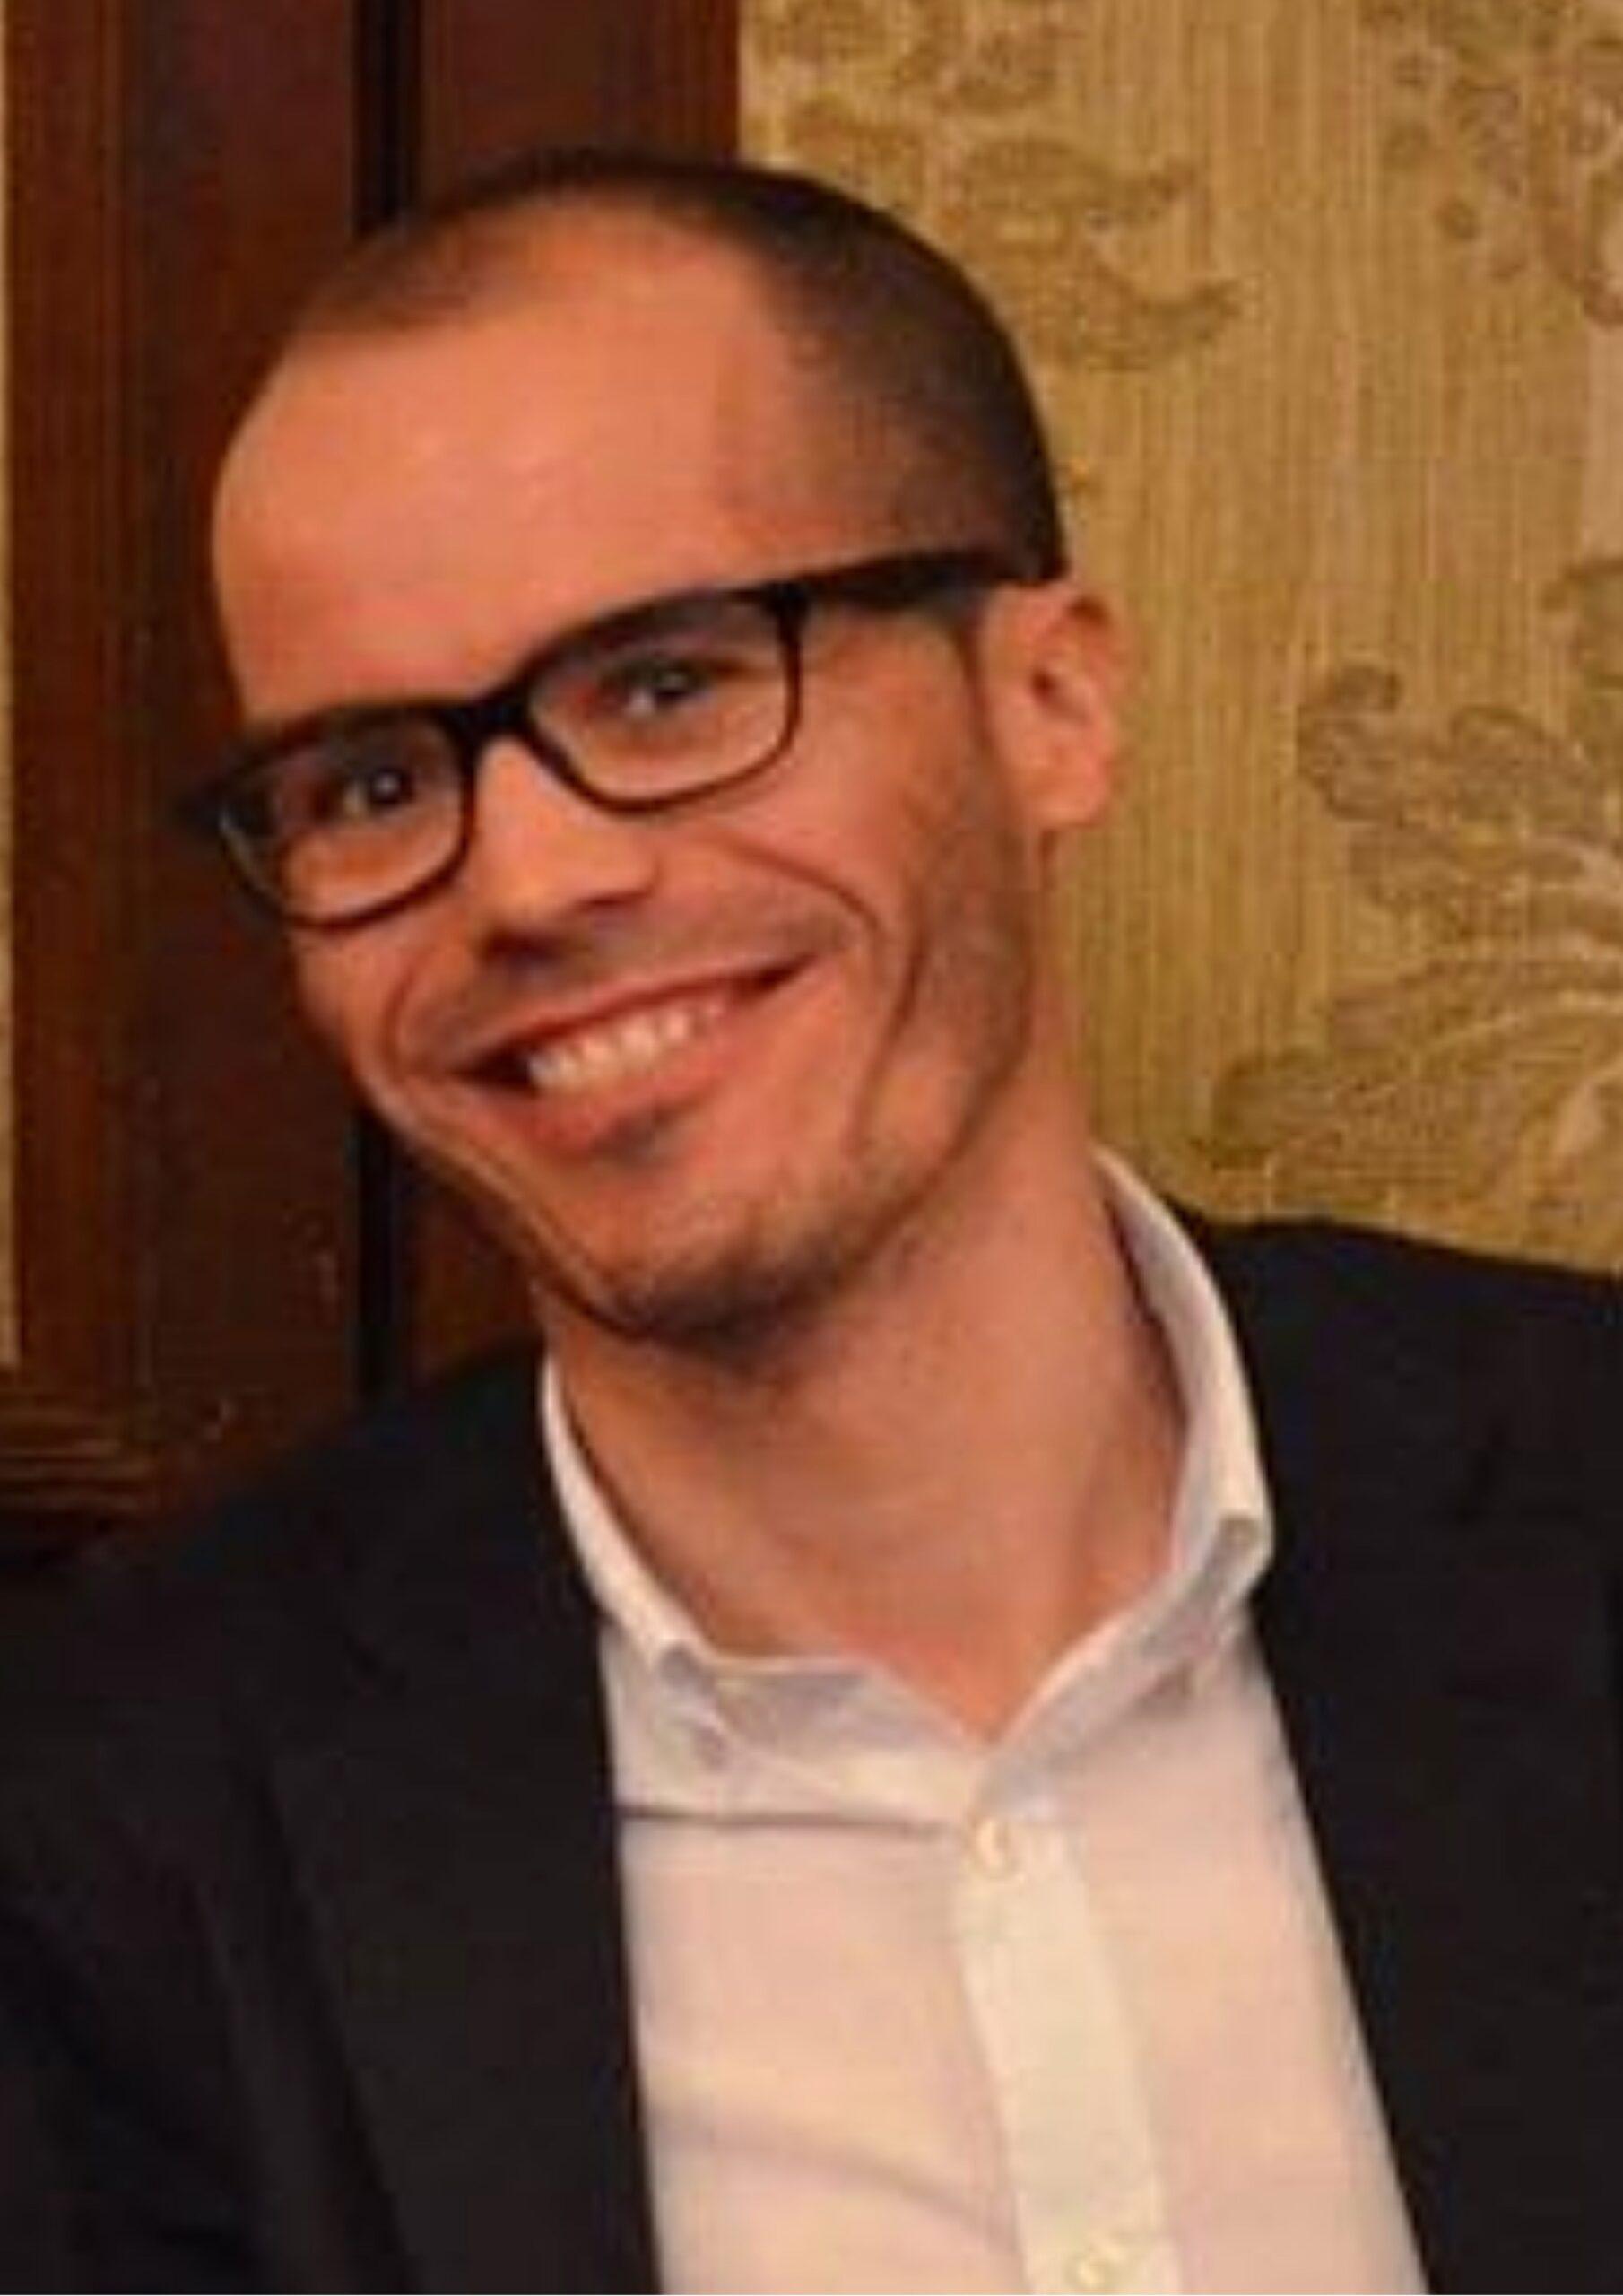 Mr. Jordi Prat Tuca